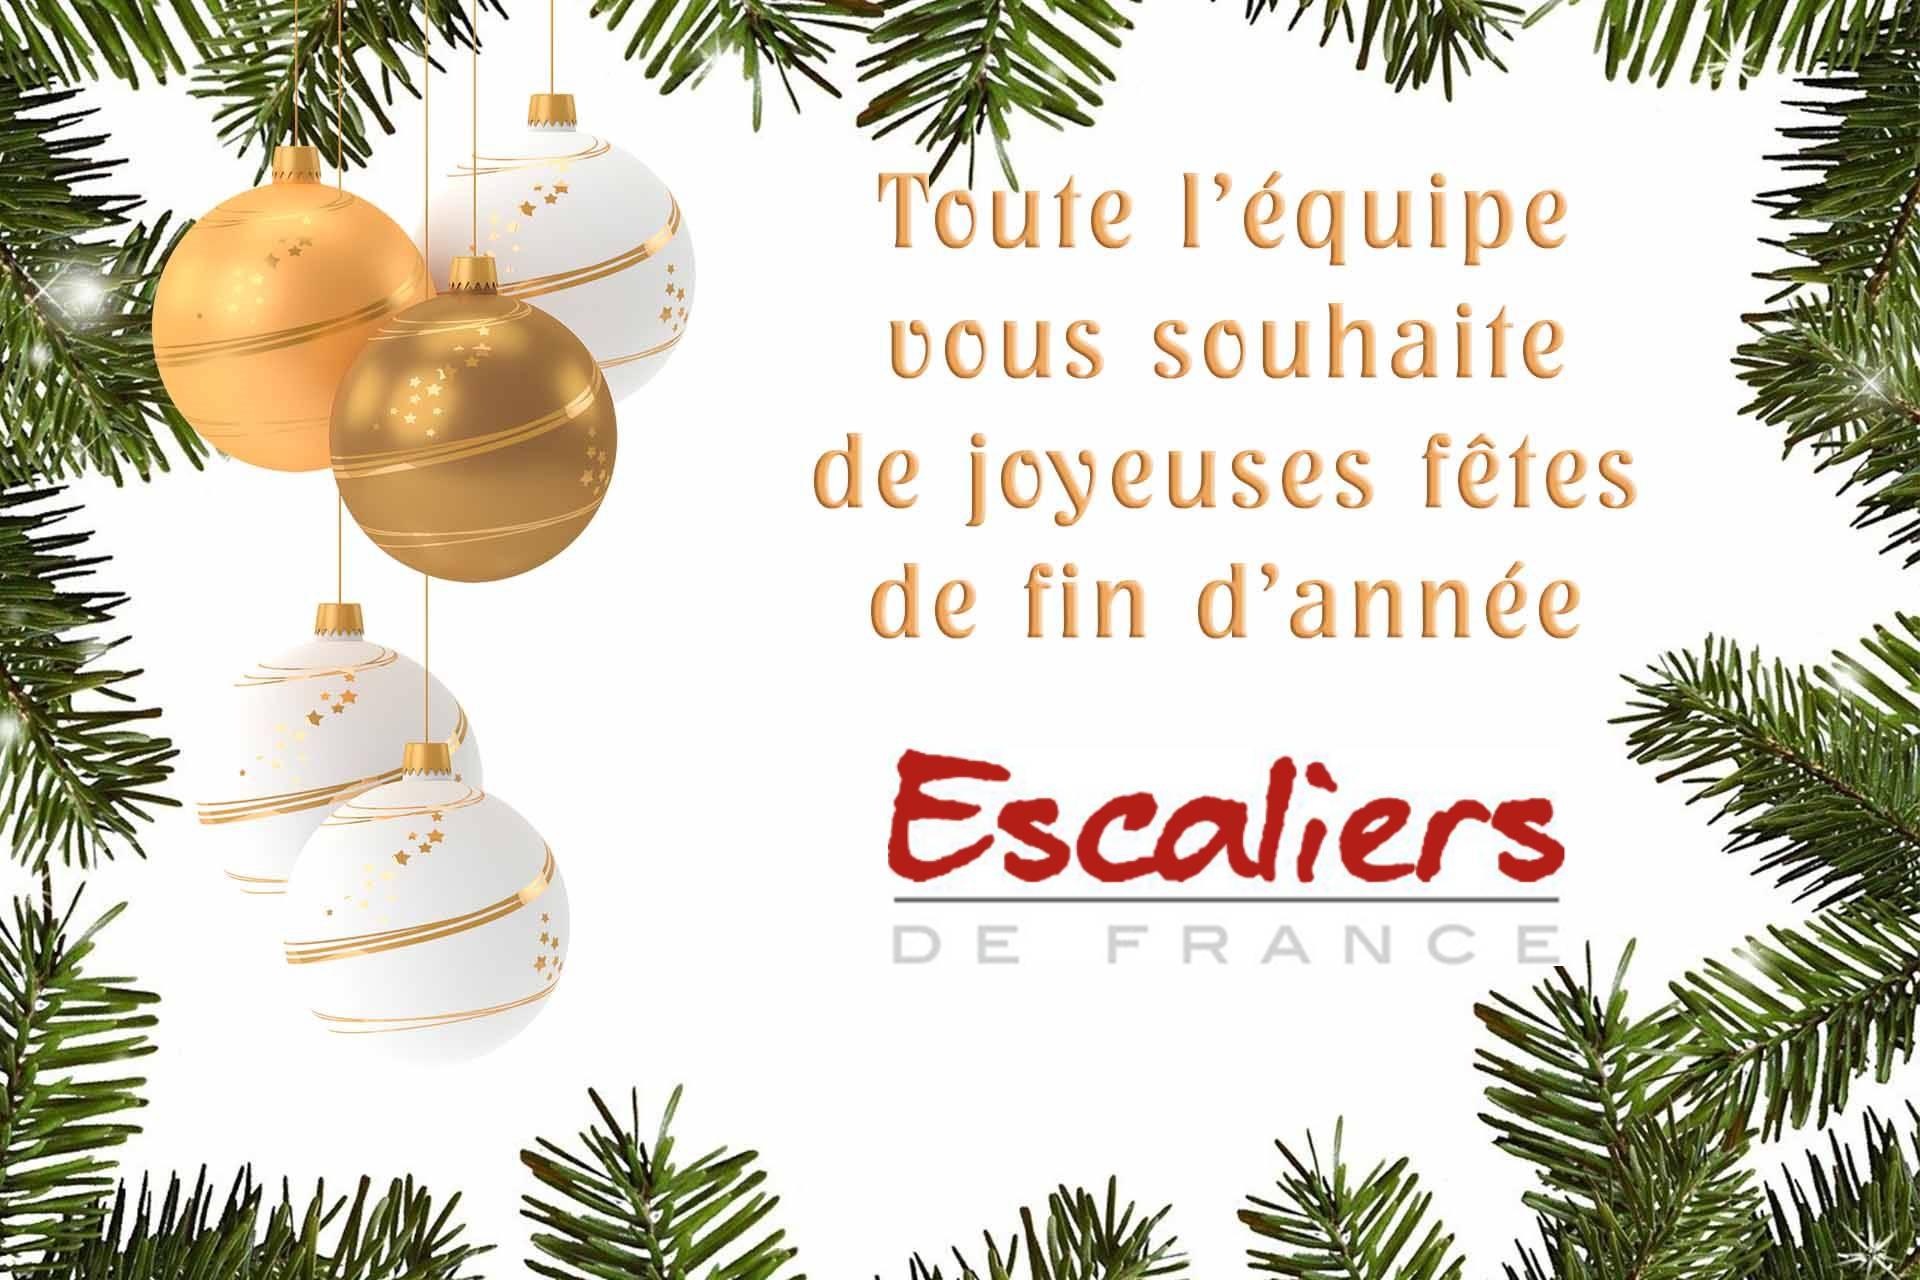 Fermeture d'Escaliers de France à l'occasion des fêtes de fin d'année